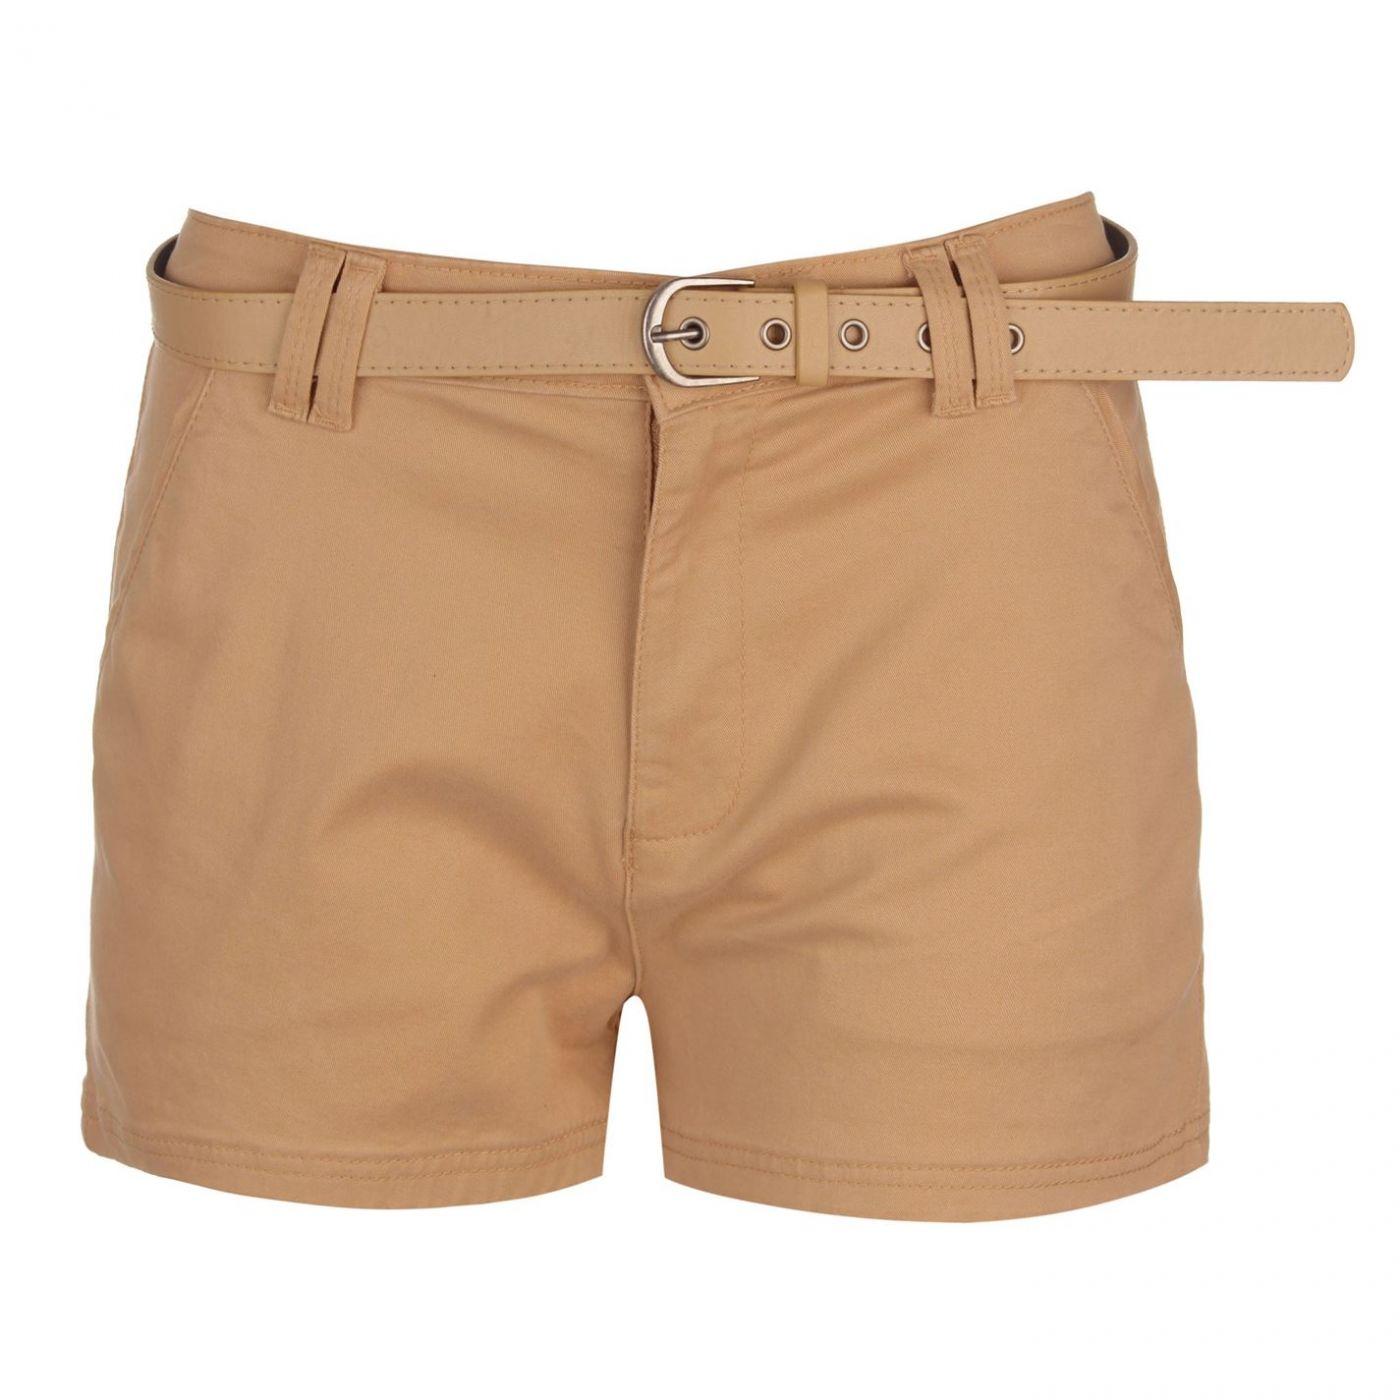 Kangol Belted Chino Shorts Ladies